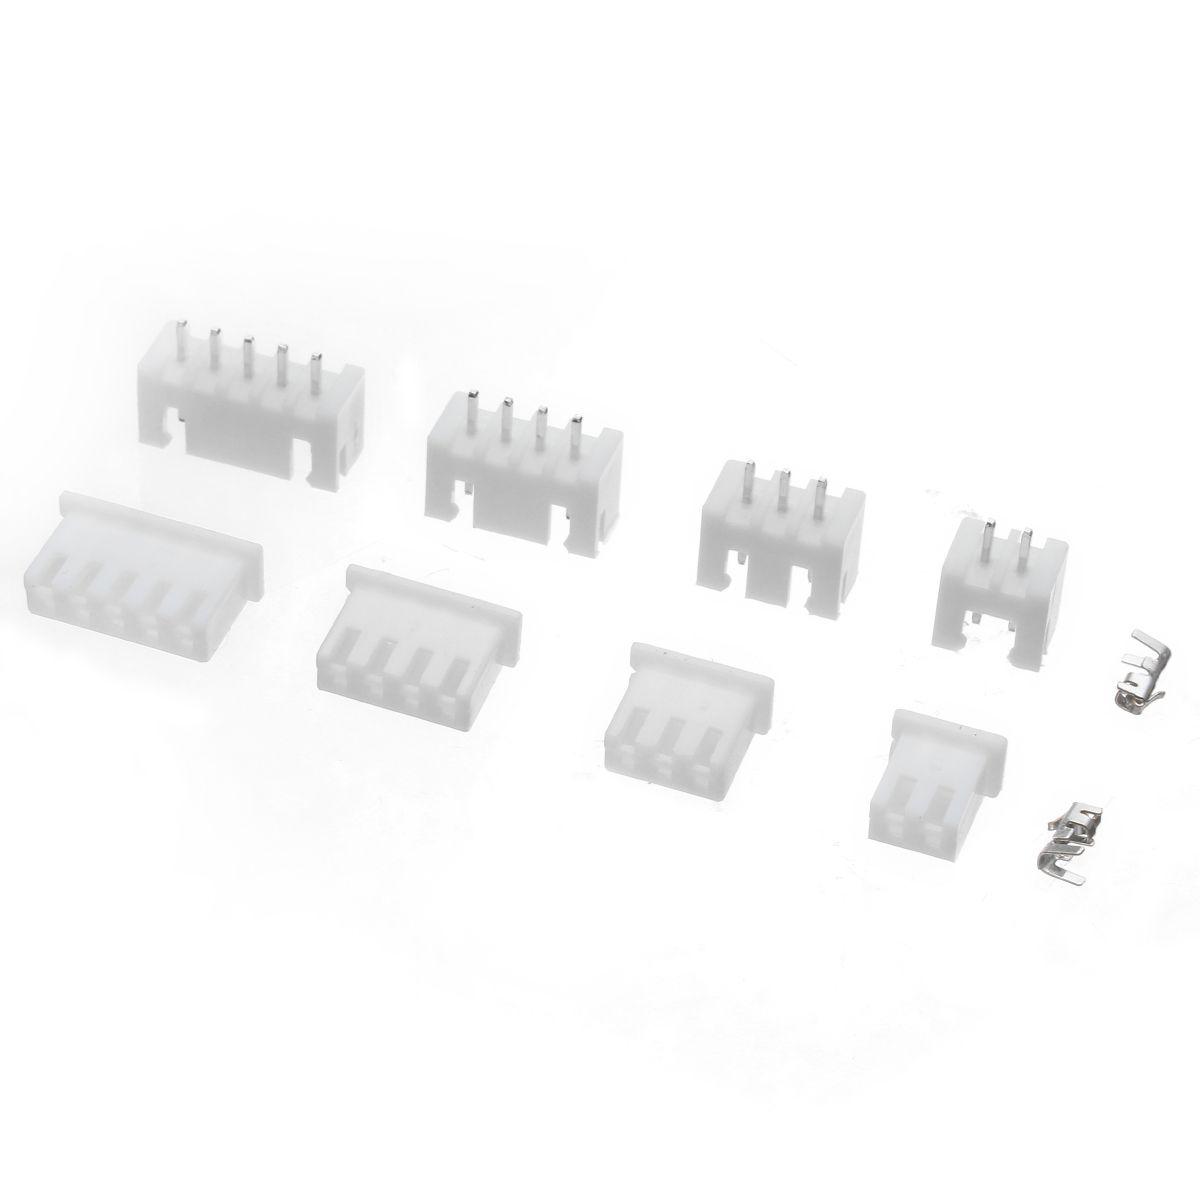 CT07 Borne de connecteur d'en-tête de boîtier de borne de pas de 2/3/4 / 5Pin de 2,54 mm